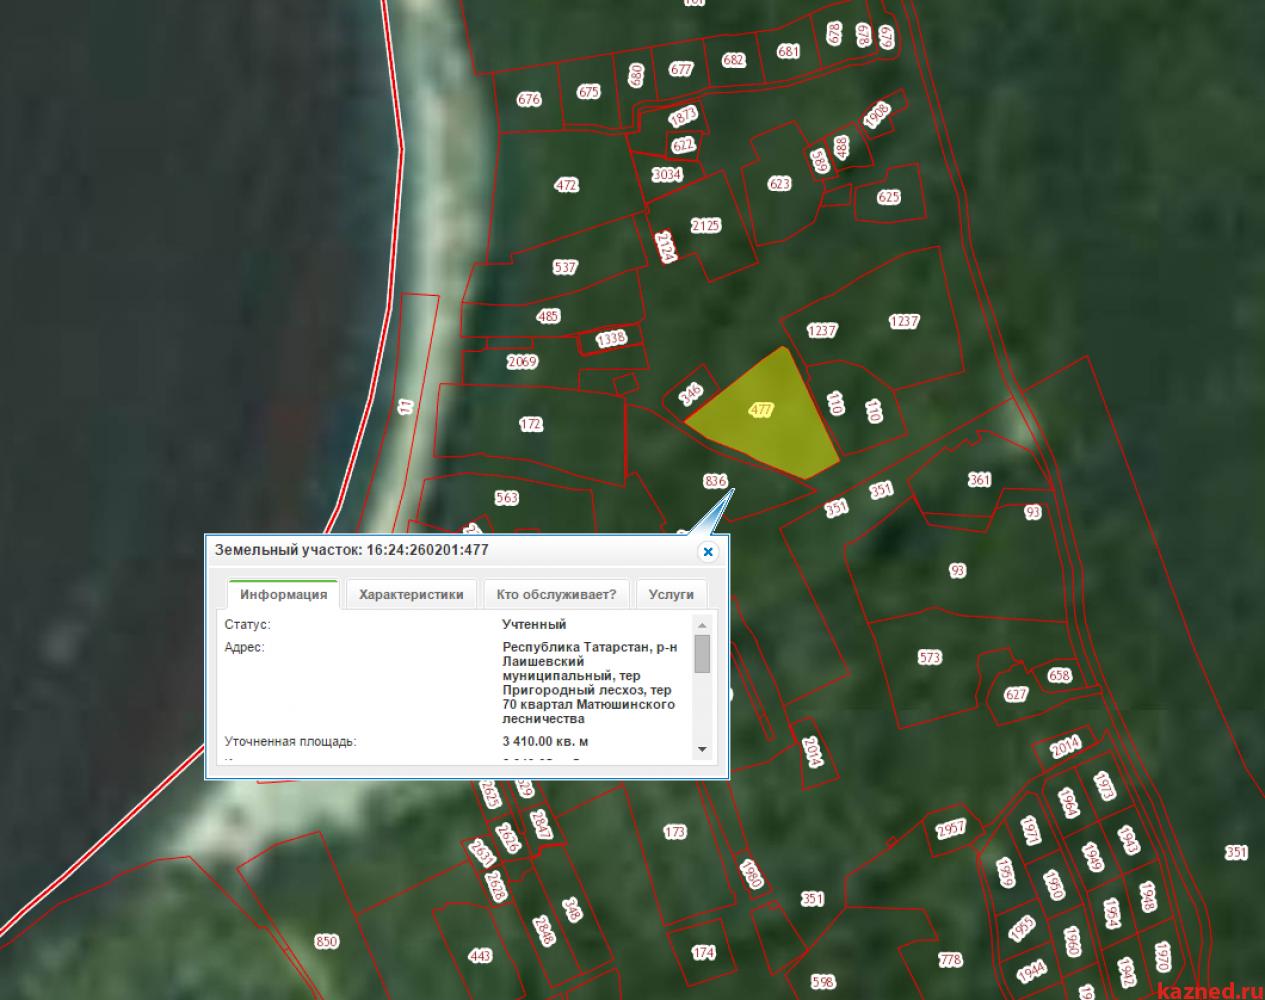 Продажа  дома  Матюшинское участковое лестничество, квартал №70, выдел 17, 0 м² (миниатюра №6)